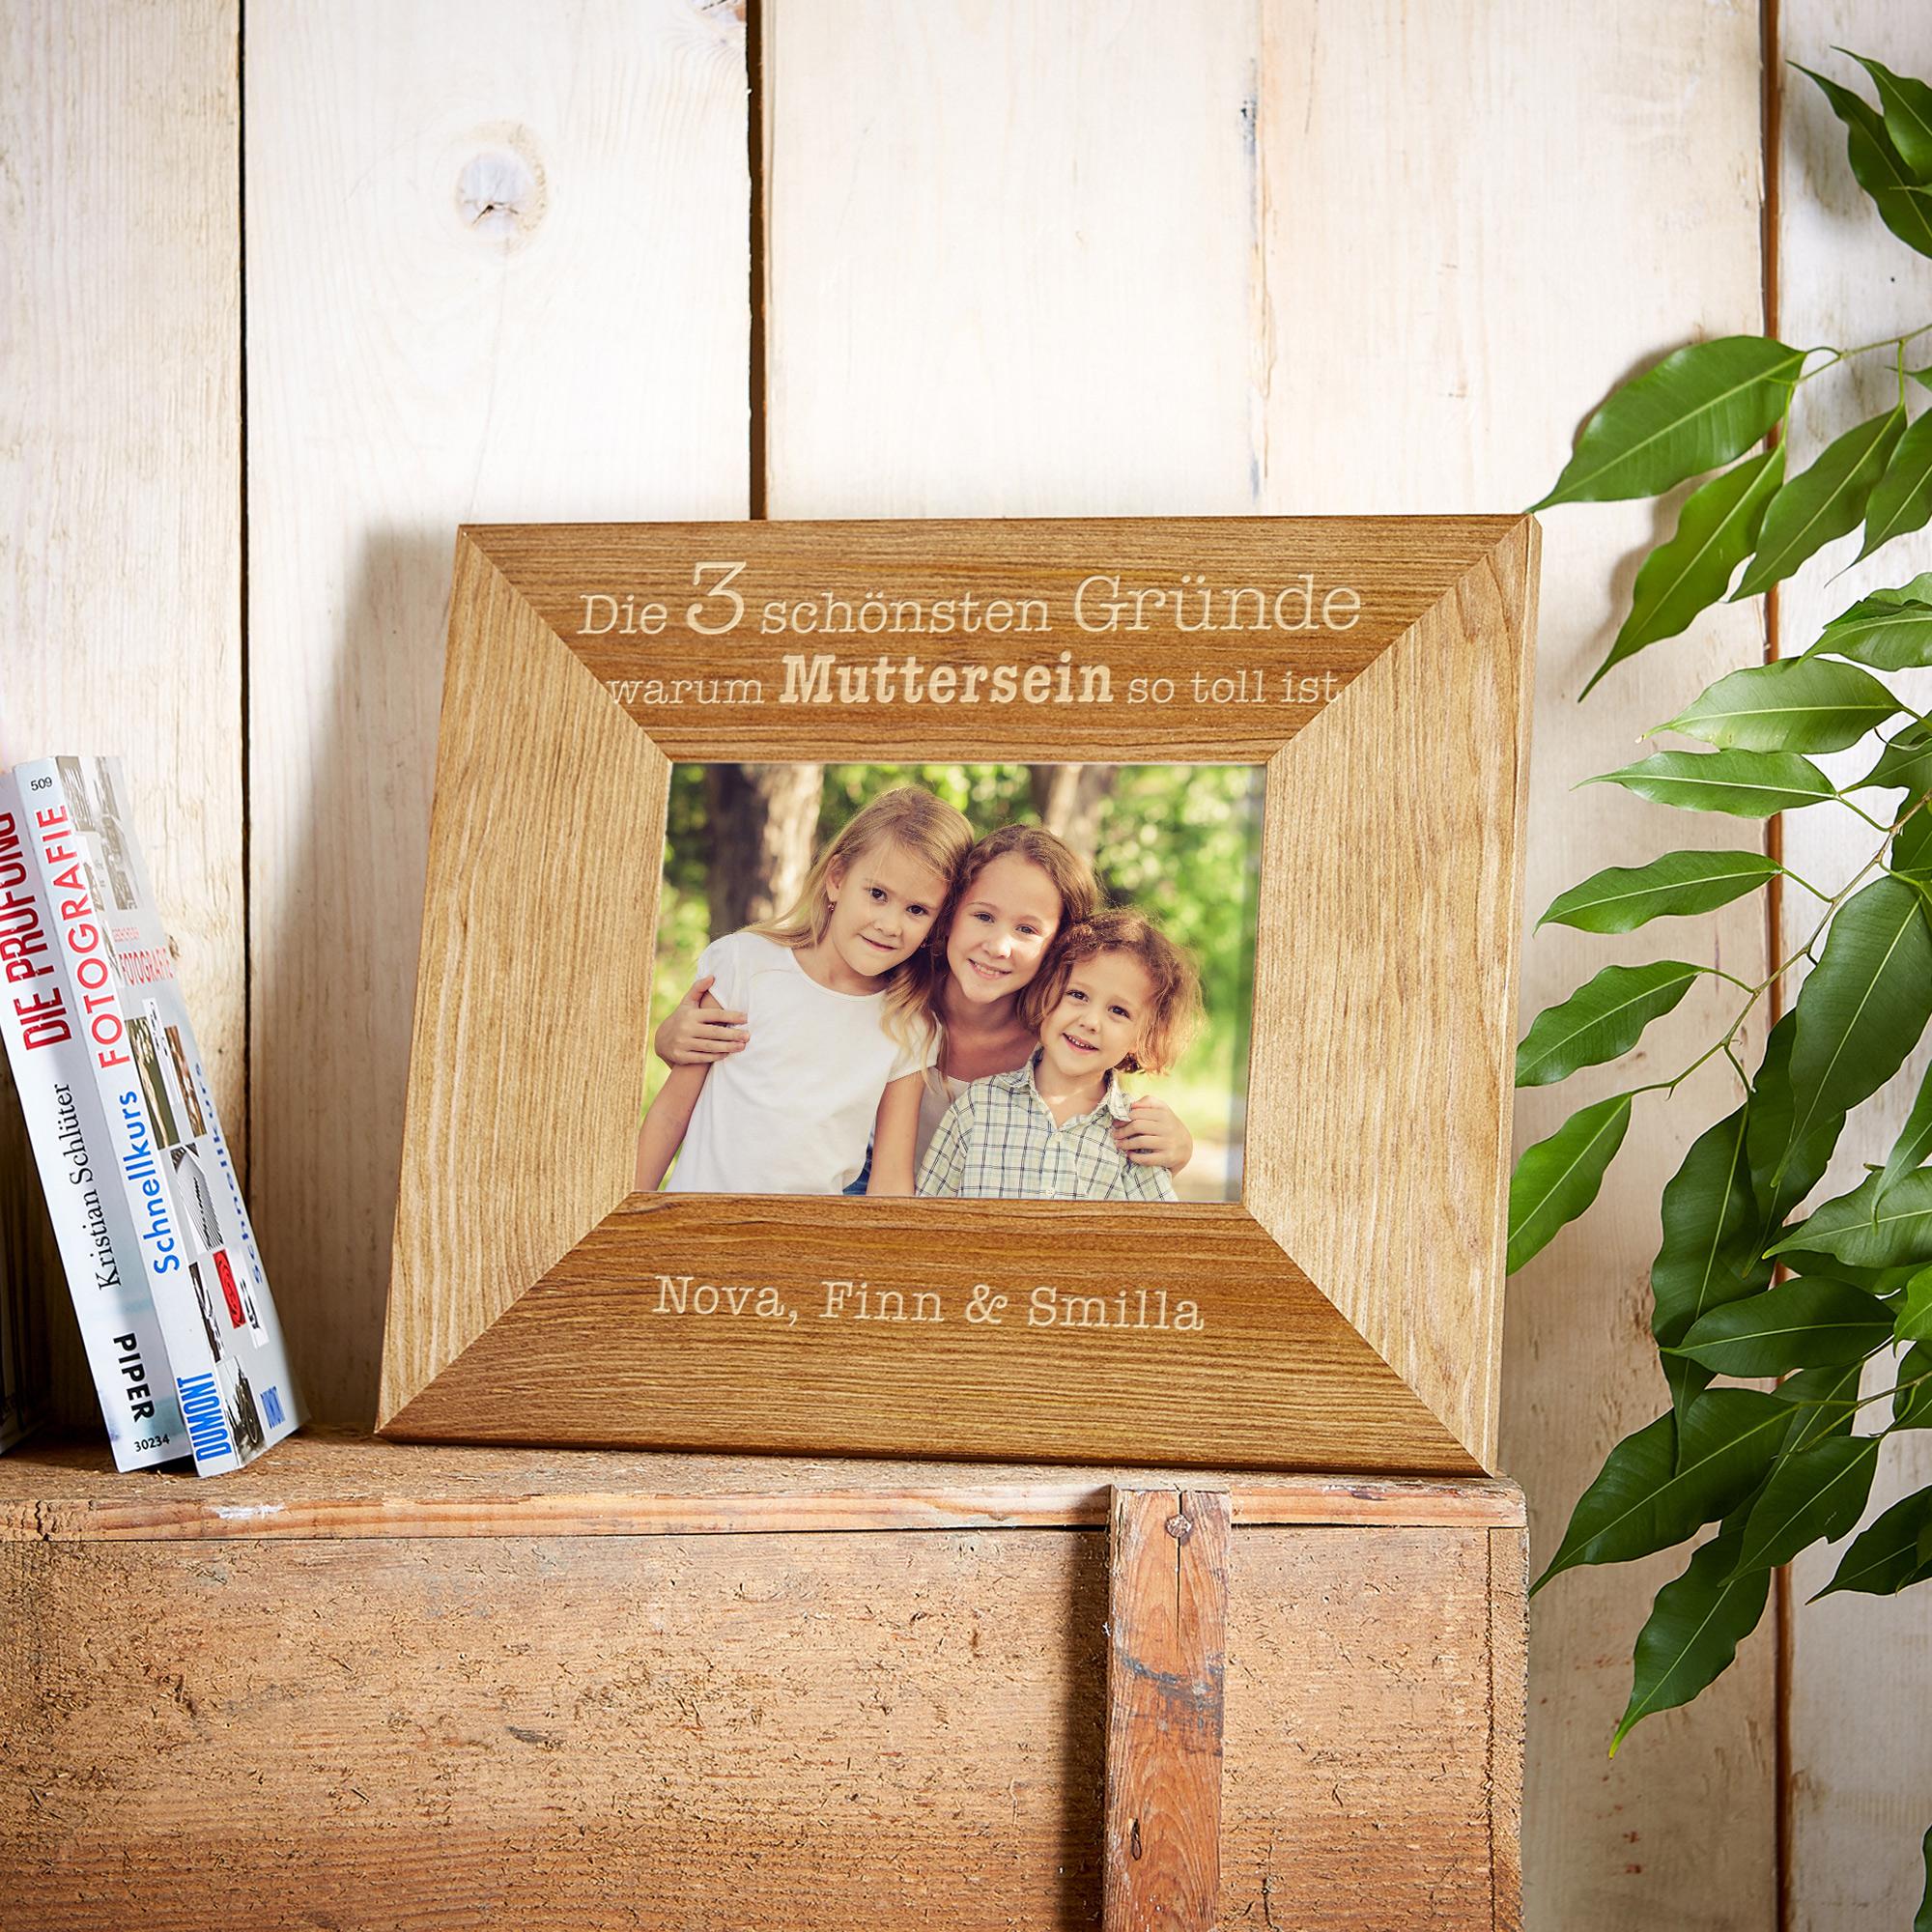 Bilderrahmen aus Holz mit Gravur - Muttersein - Personalisiert